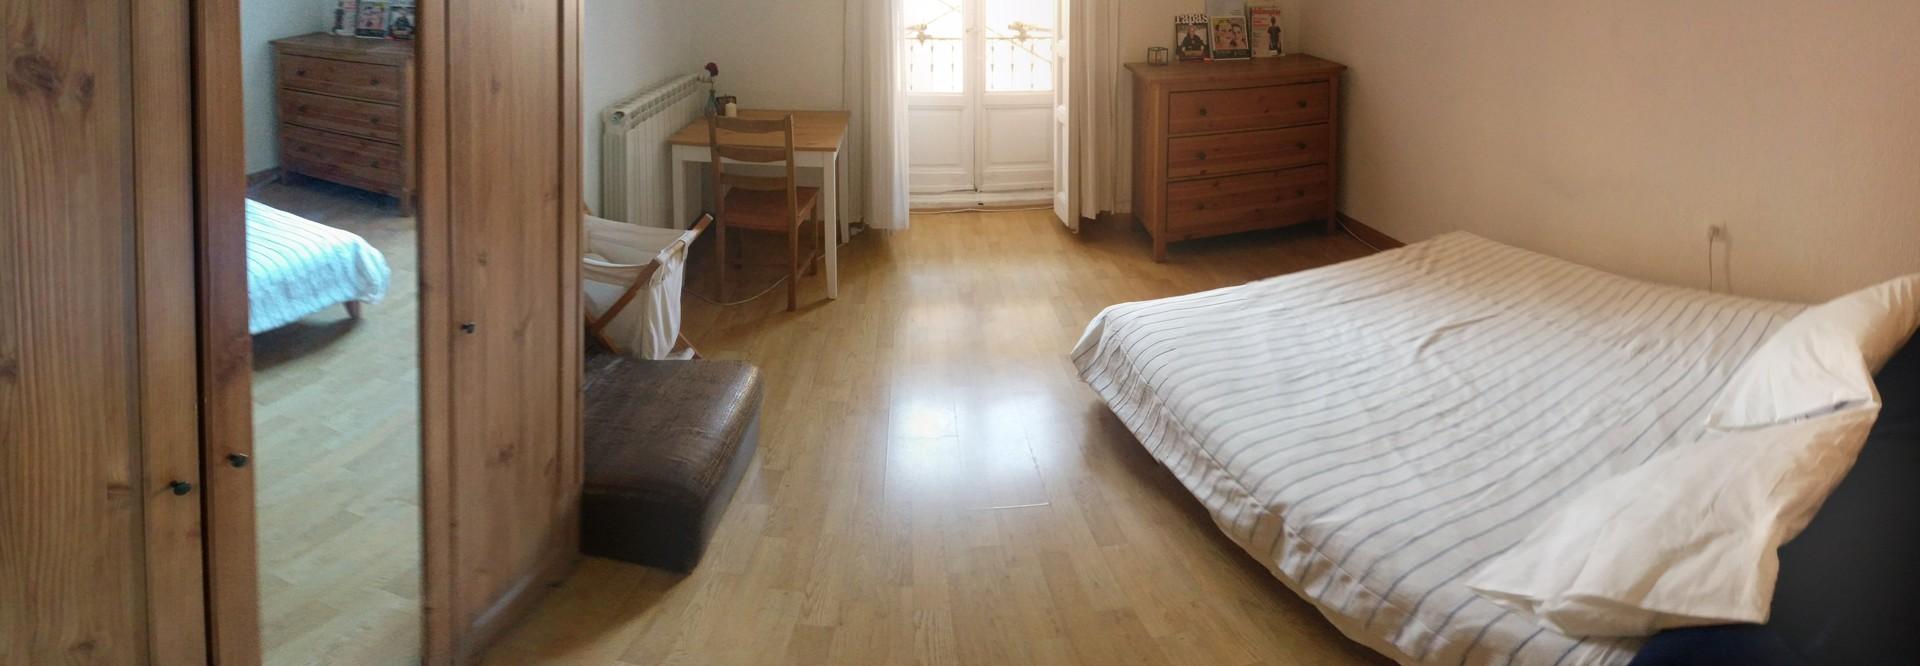 Habitacion amplia y luminosa en el centro de madrid - Alquiler de habitacion en madrid ...